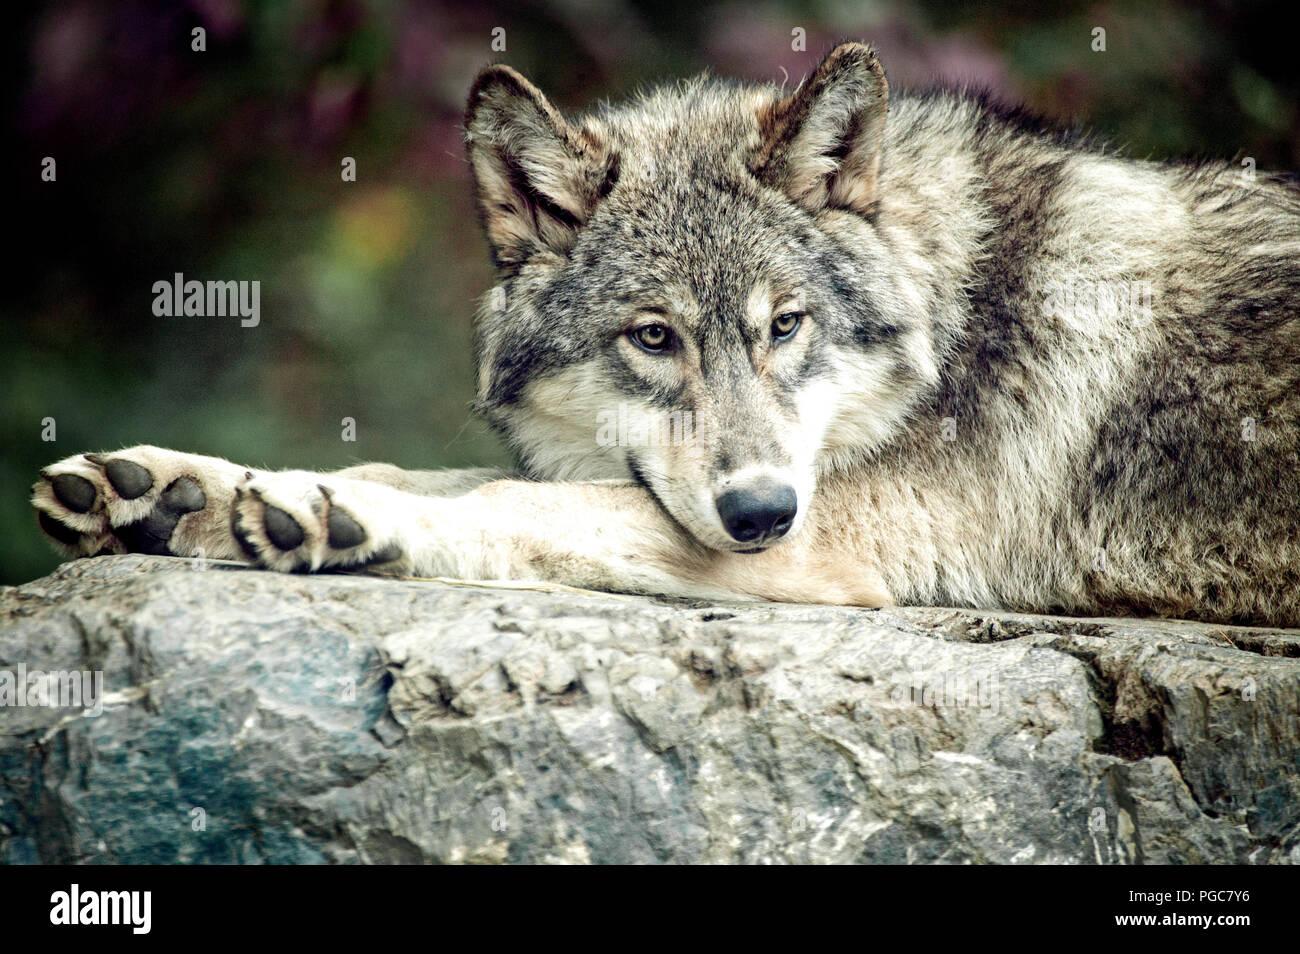 Un lupo grigio del Great Plains sub specie a livello internazionale Centro Lupo in Ely, Minnesota. Immagini Stock